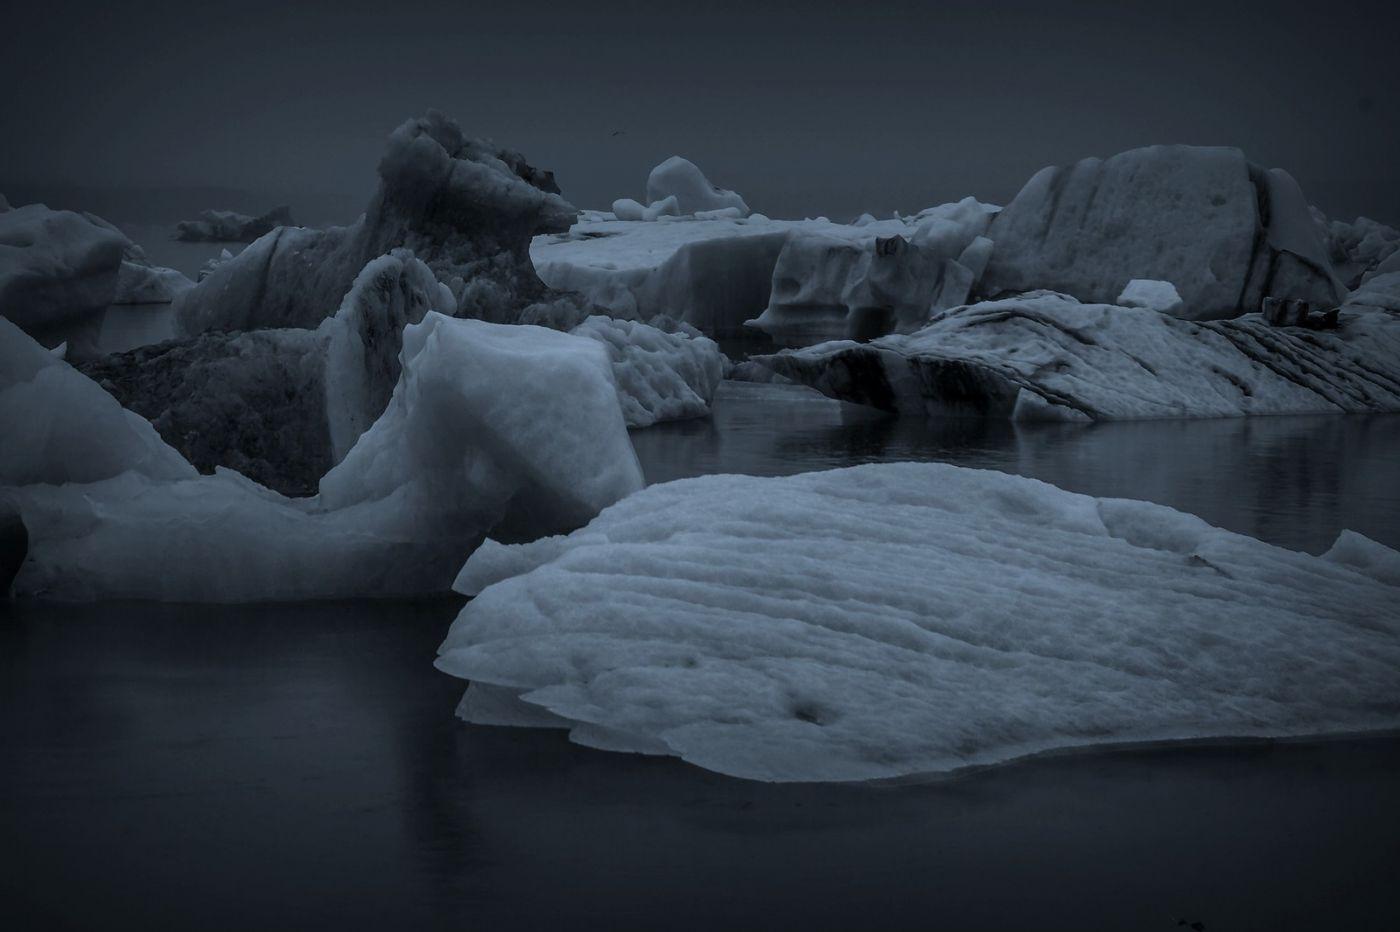 冰岛冰川泻湖(Glacier Lagoon), 湖面上冰川_图1-4